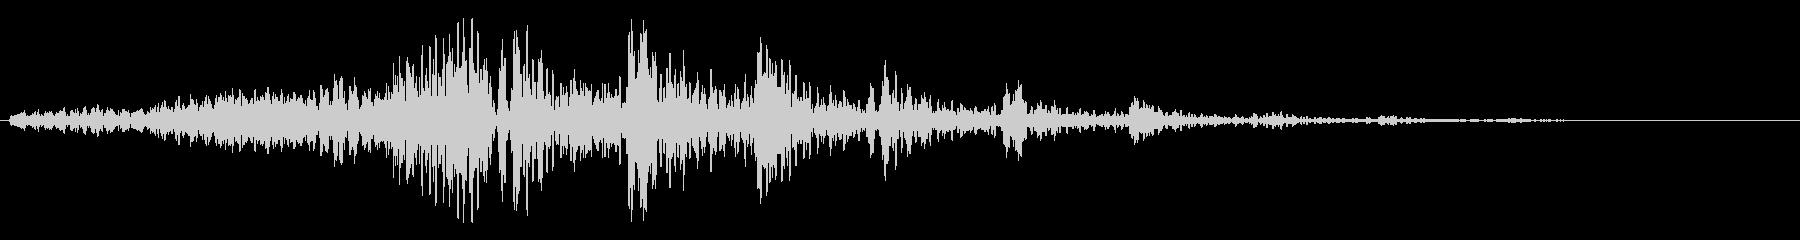 重みのあるシンセサイザーのループ曲の未再生の波形